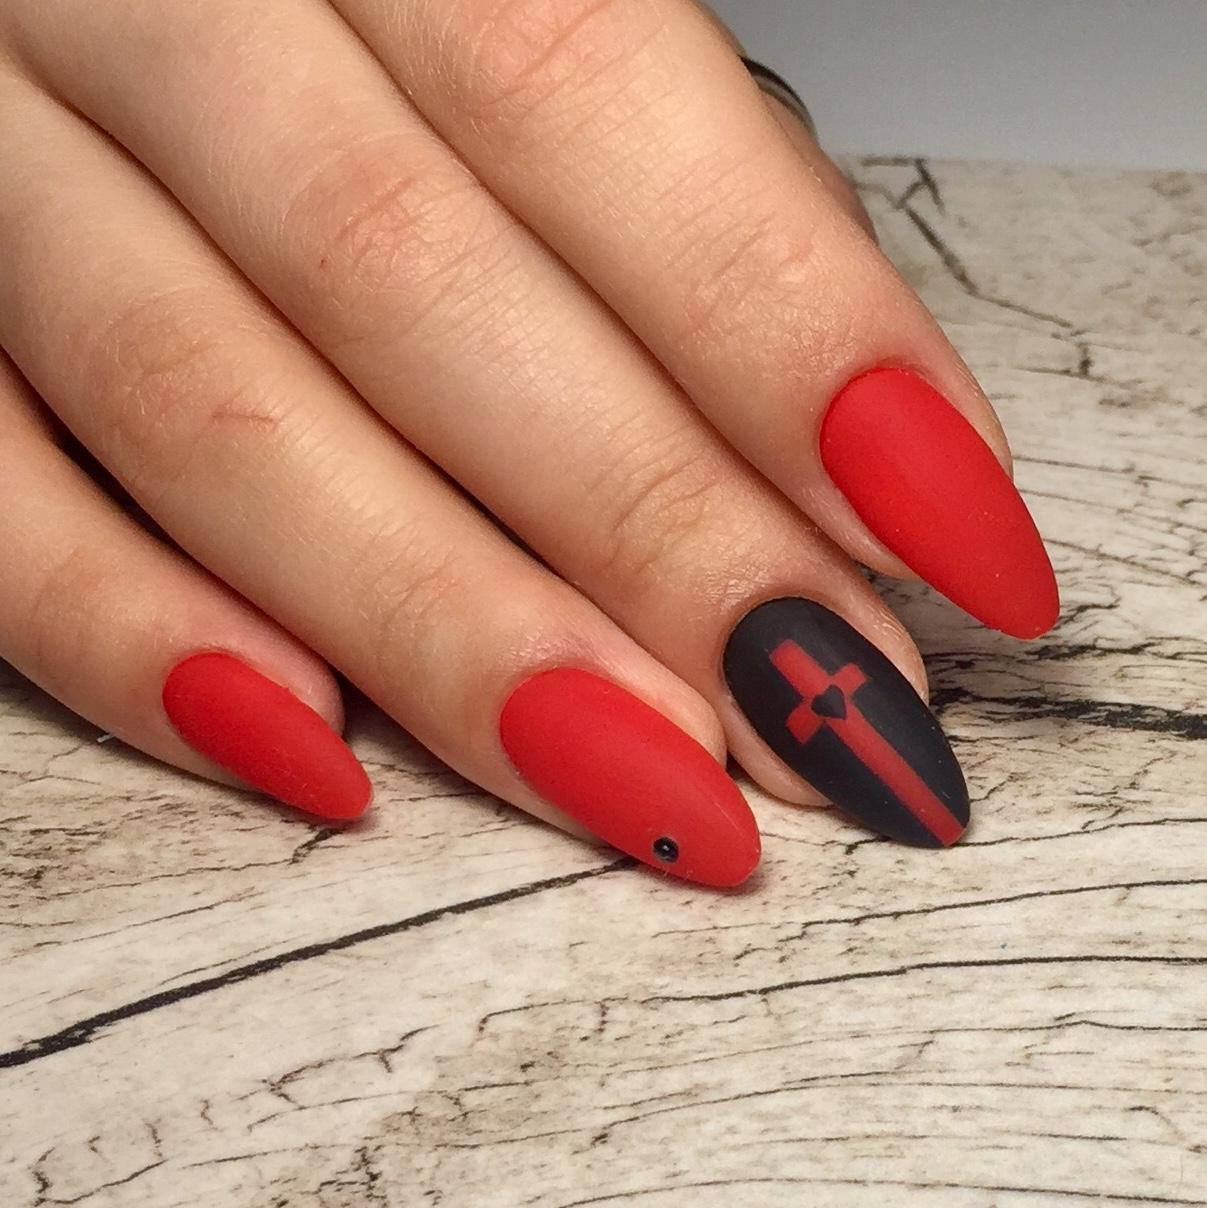 Матовый маникюр с крестом в красном цвете.